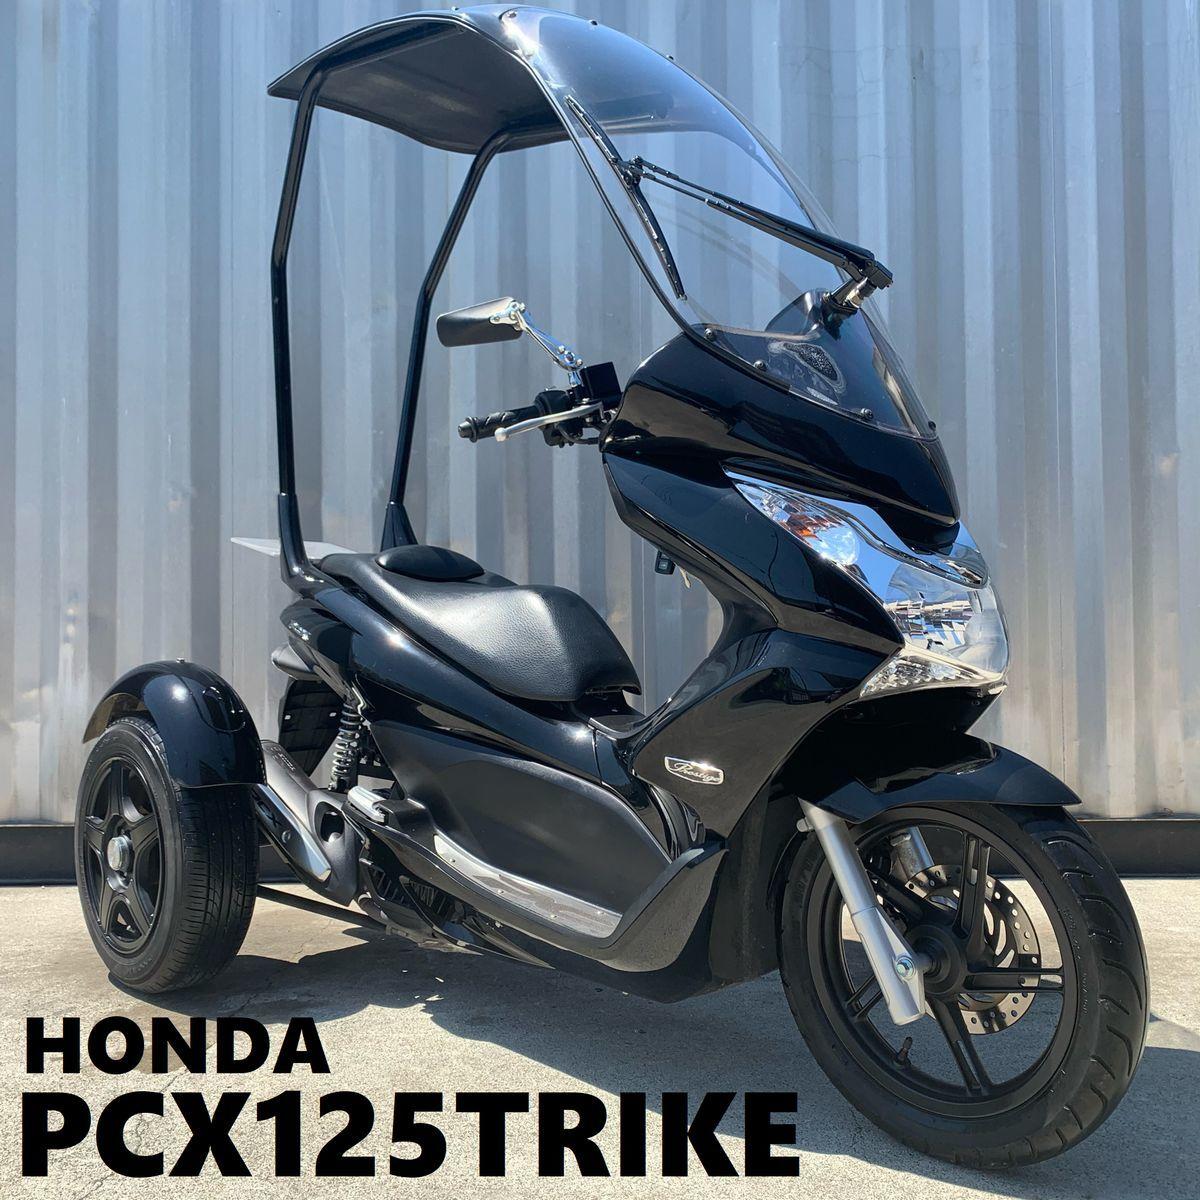 国産 PCX125トライク 低走行 デフ付 バックギア付 側車付軽二輪登録 ノーヘルOK 普通免許